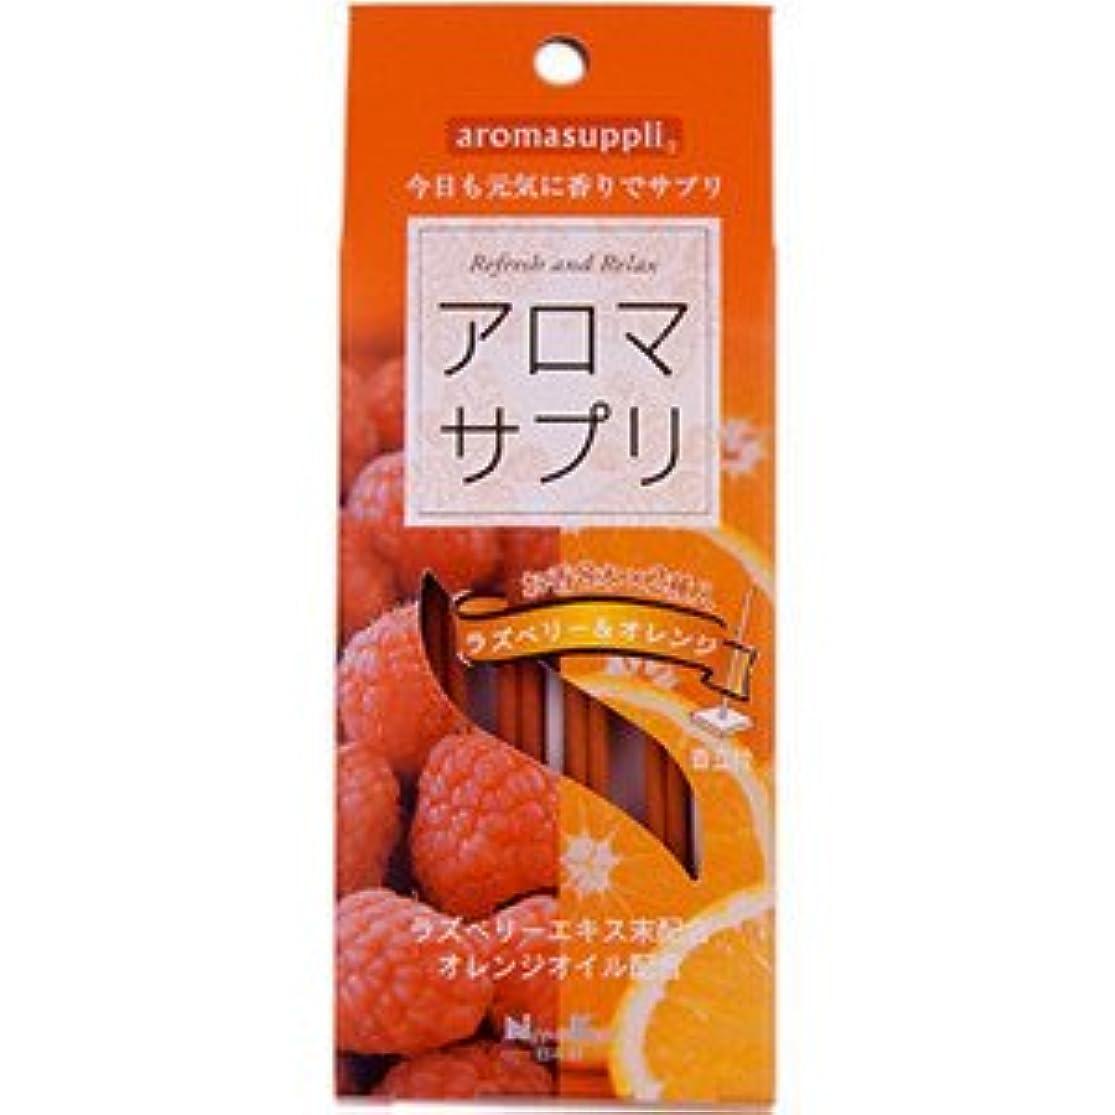 長々と気候の山奇跡日本香堂 アロマサプリ ラズベリー&オレンジ